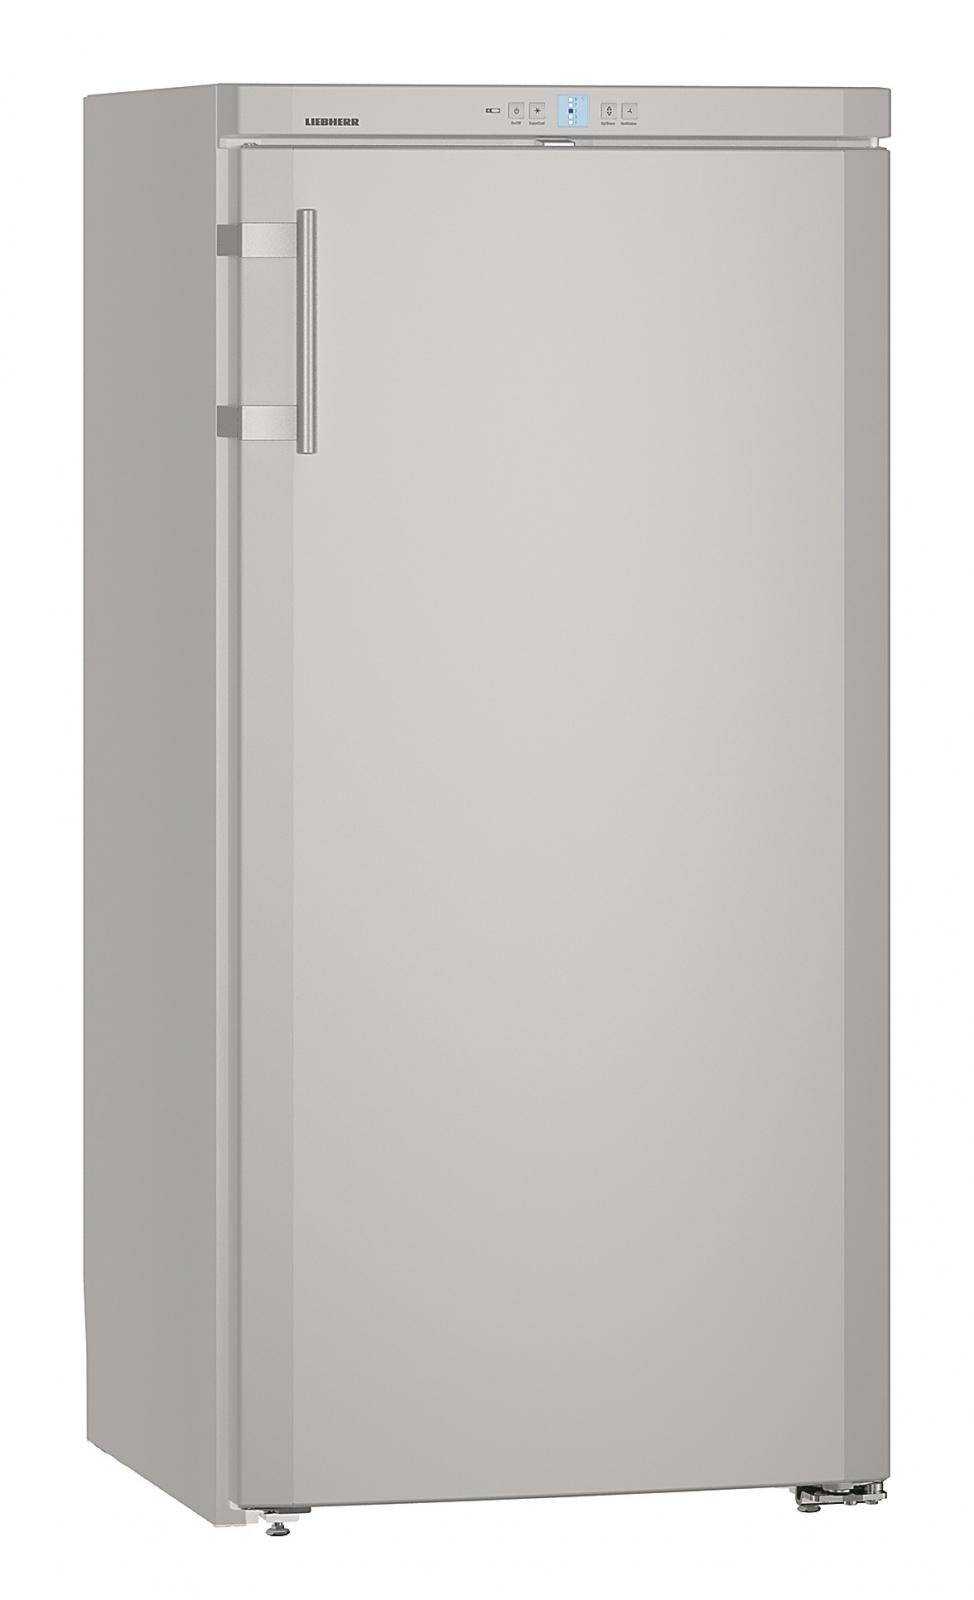 купить Однокамерный холодильник Liebherr Ksl 2630 Украина фото 1